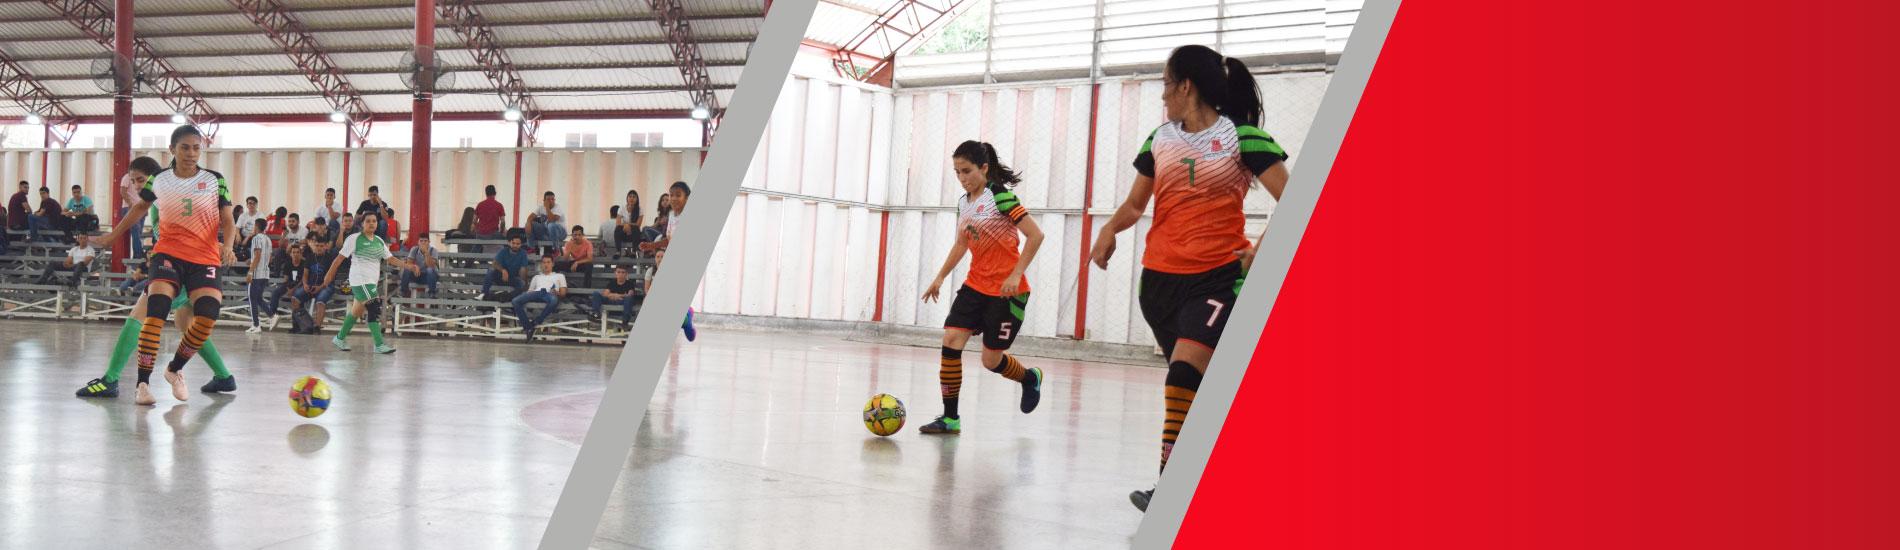 UFPS presente en XXVIII Juegos Universitarios Nacionales – ASCUN 2019